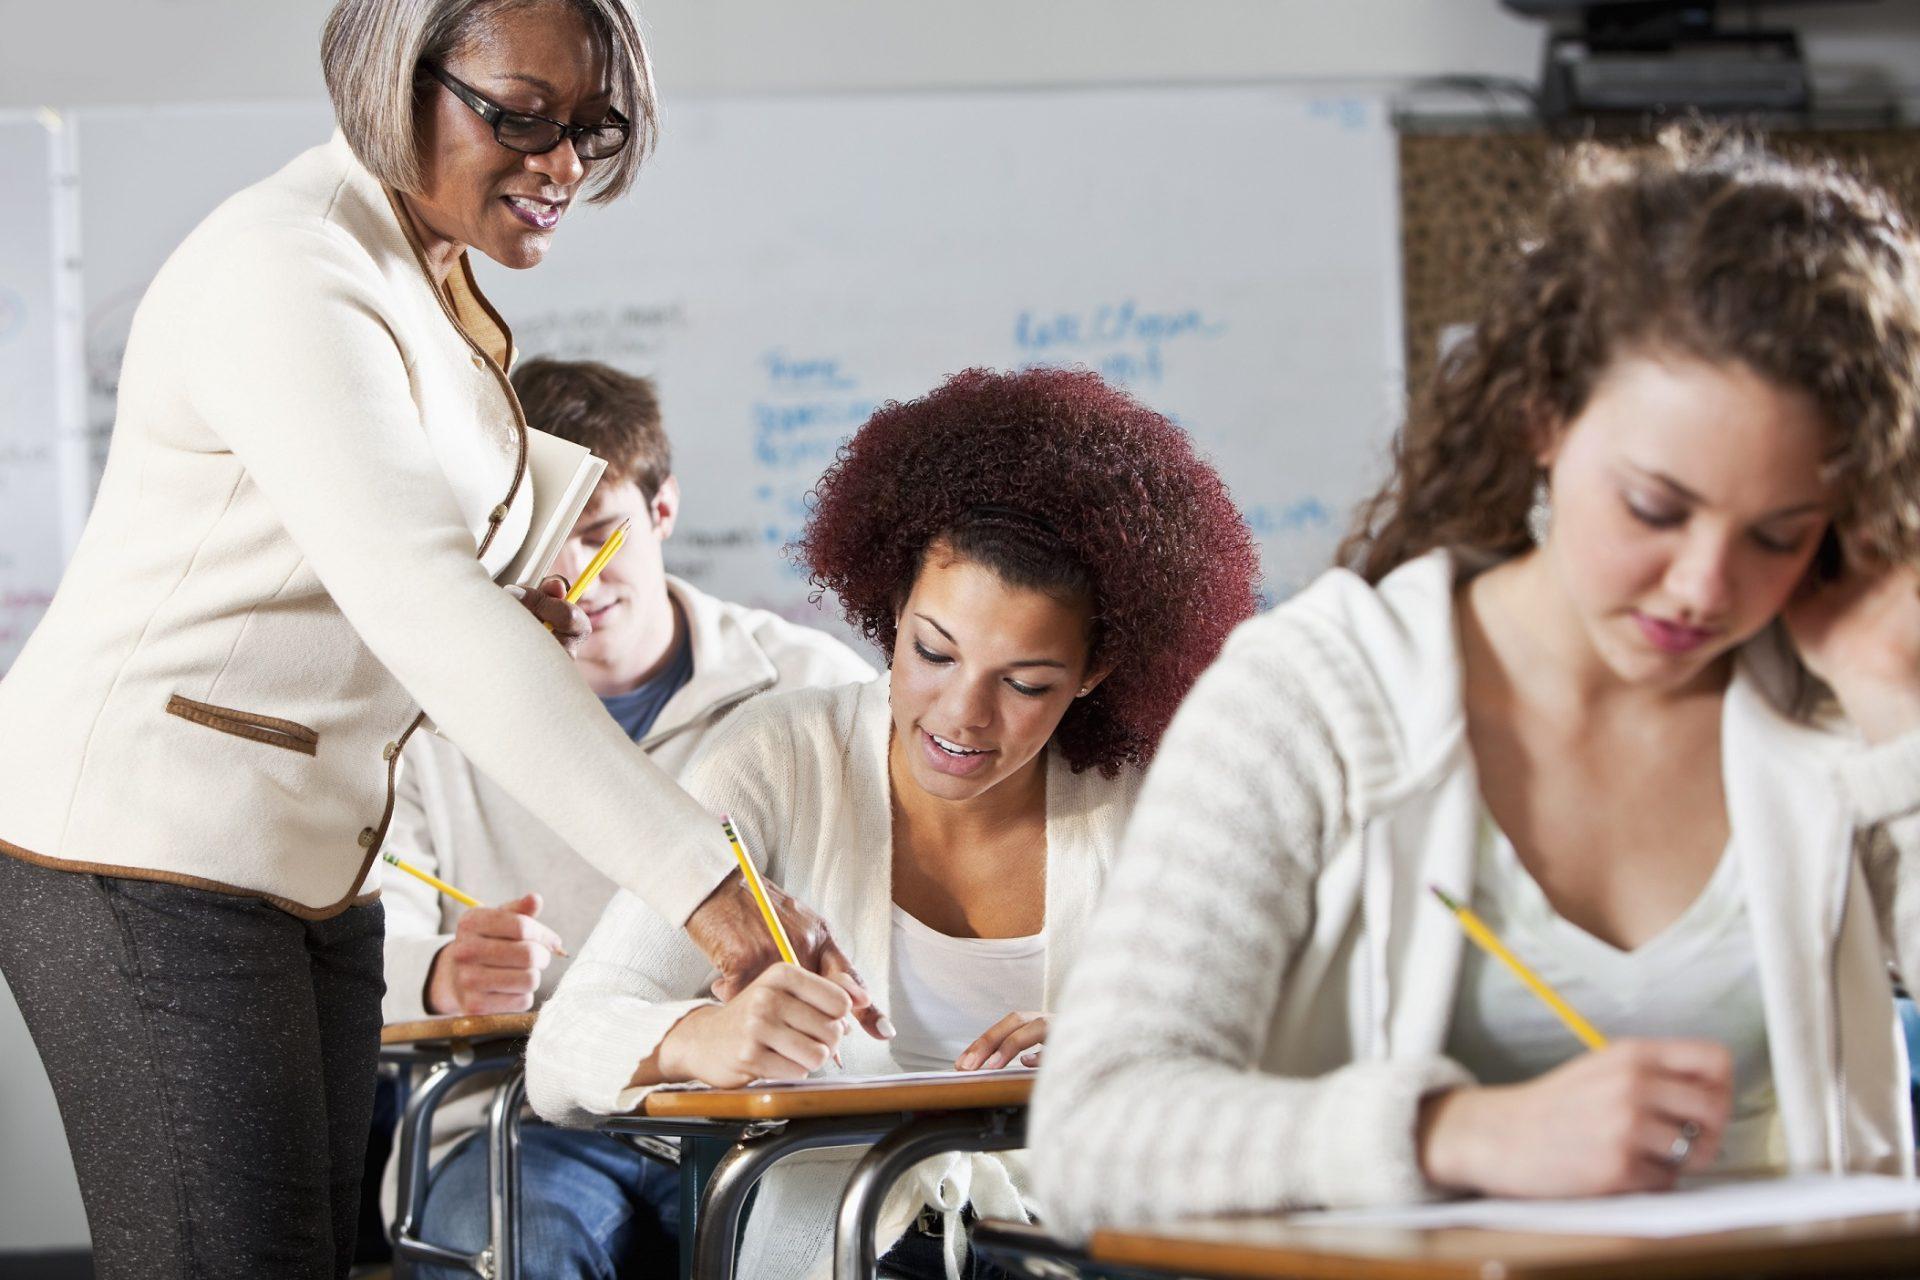 Chất lượng đội ngũ giảng viên là yếu tố cần được quan tâm hàng đầu khi lựa chọn trung tâm tiếng Anh